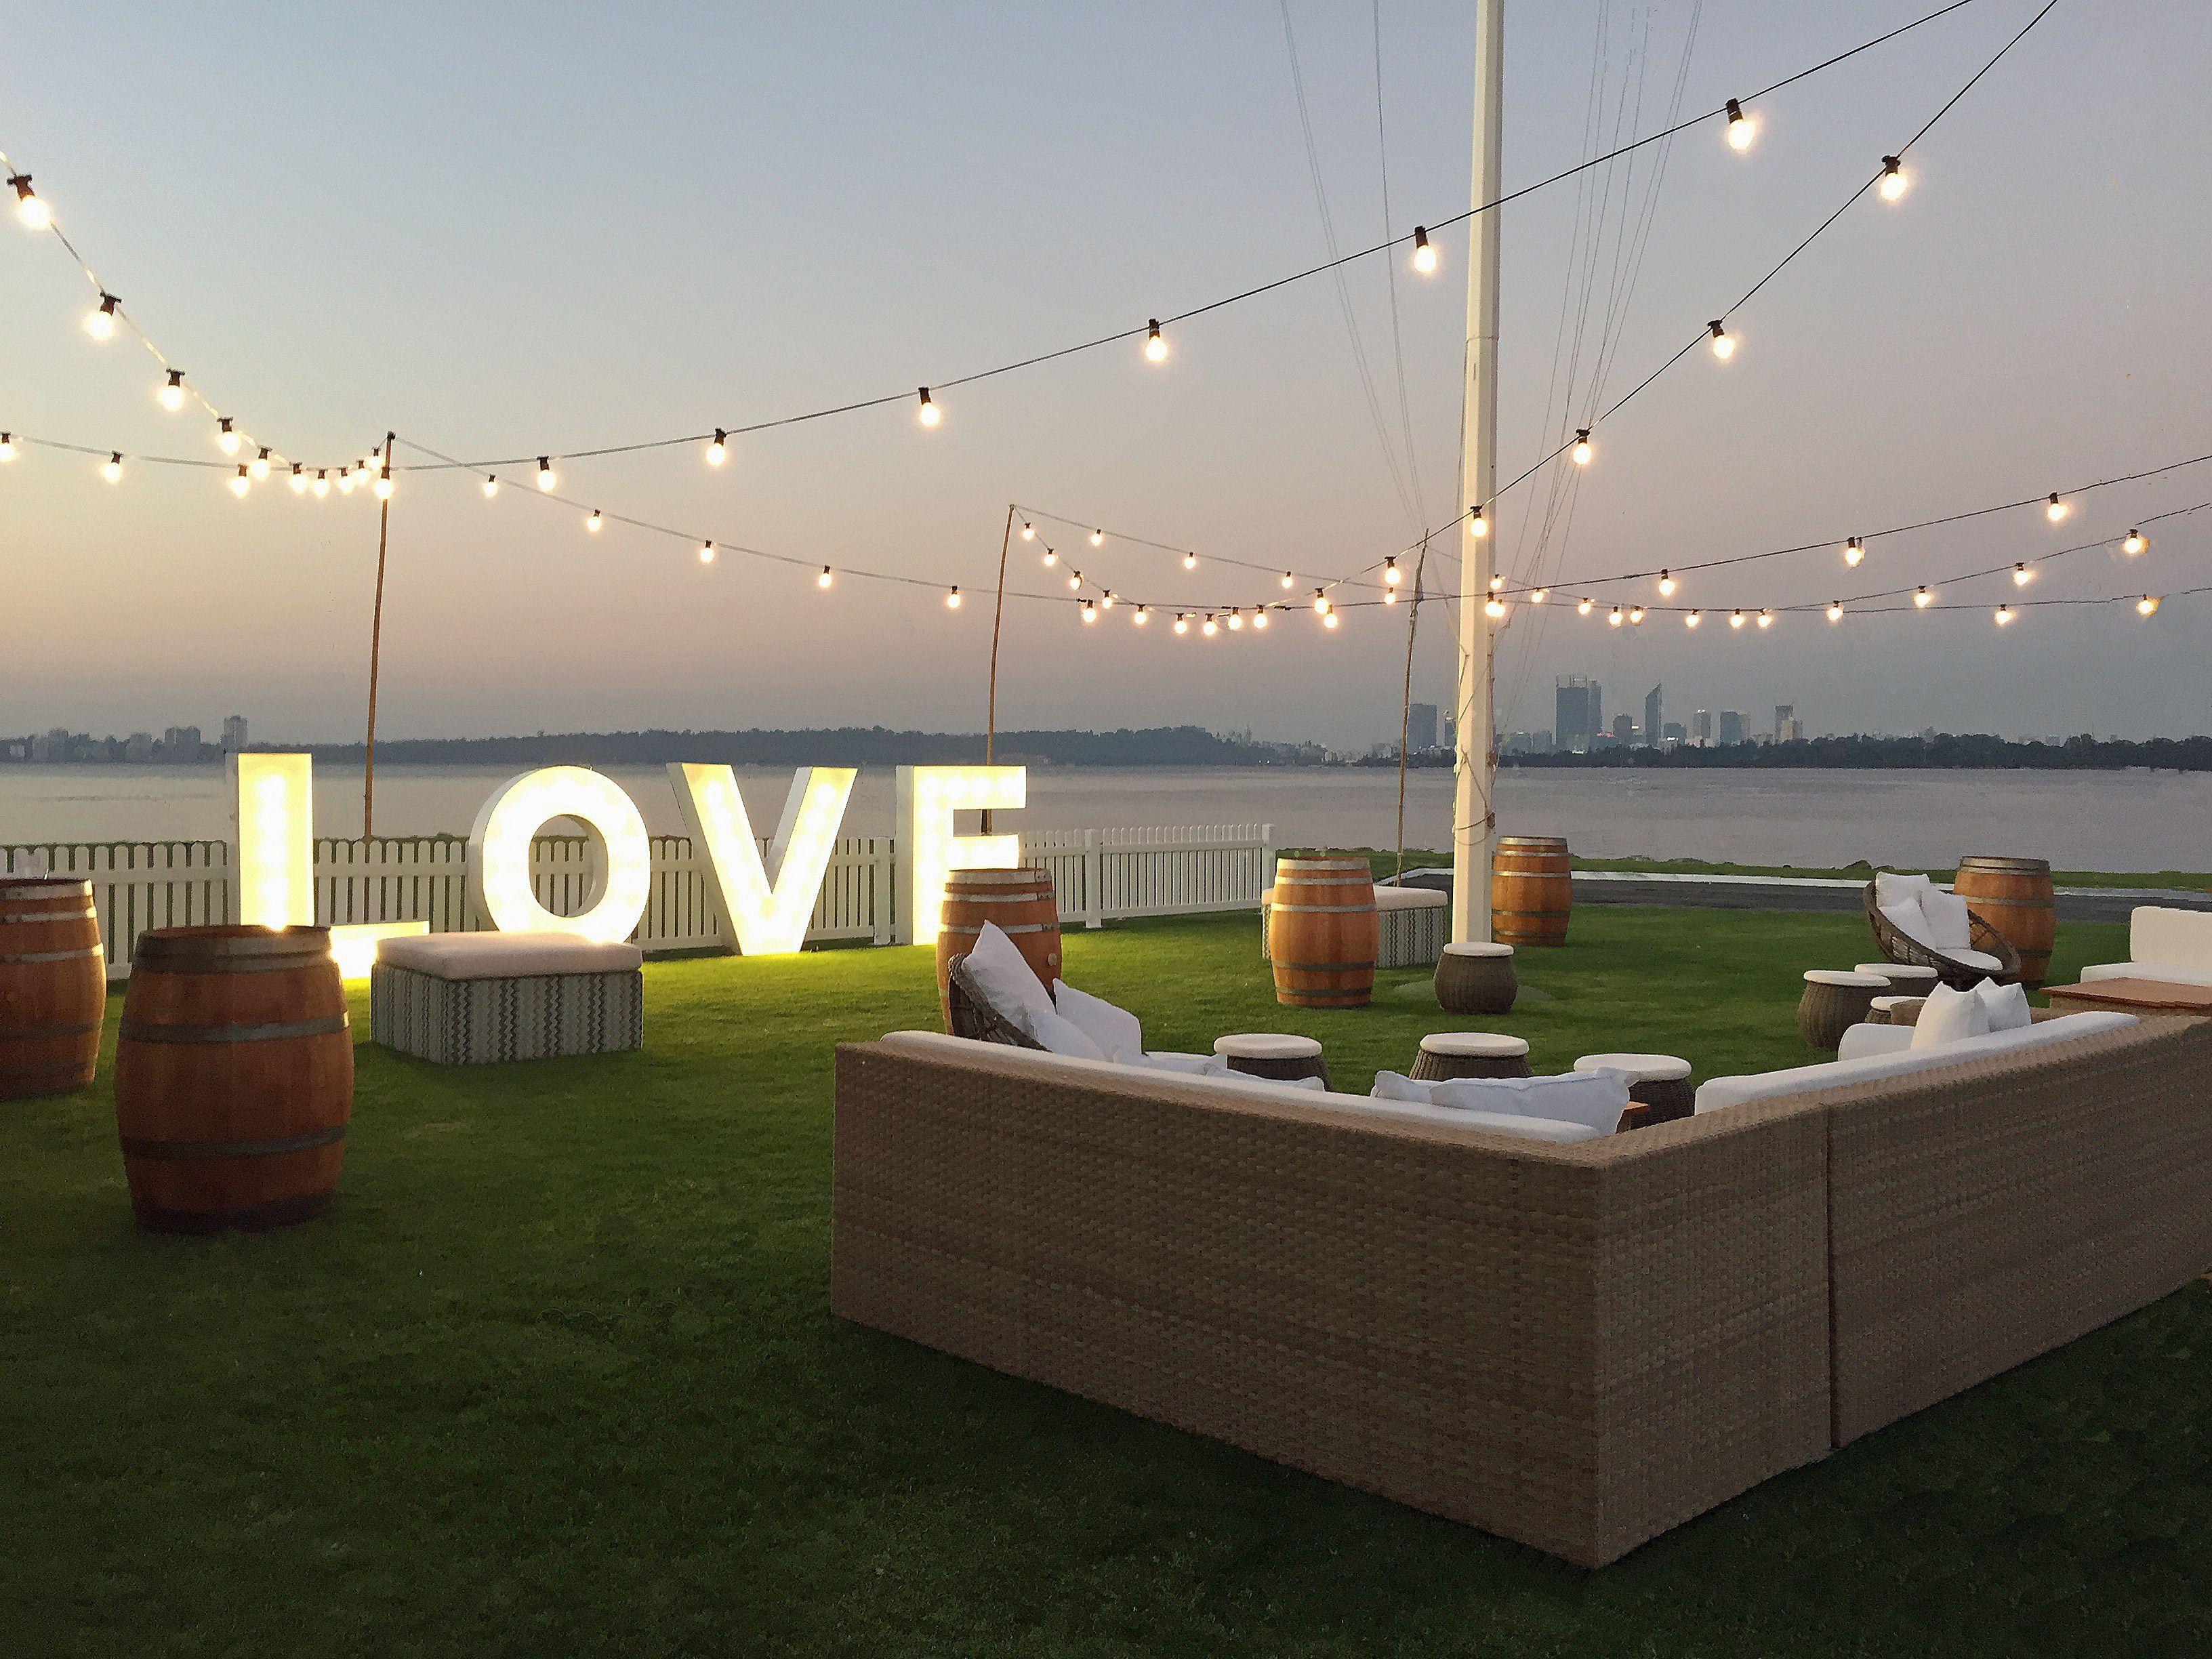 best outdoor wedding venues perth%0A wedding venues on the water perth Outdoor Wedding Venues South of Perth  Yacht Club www sopyc